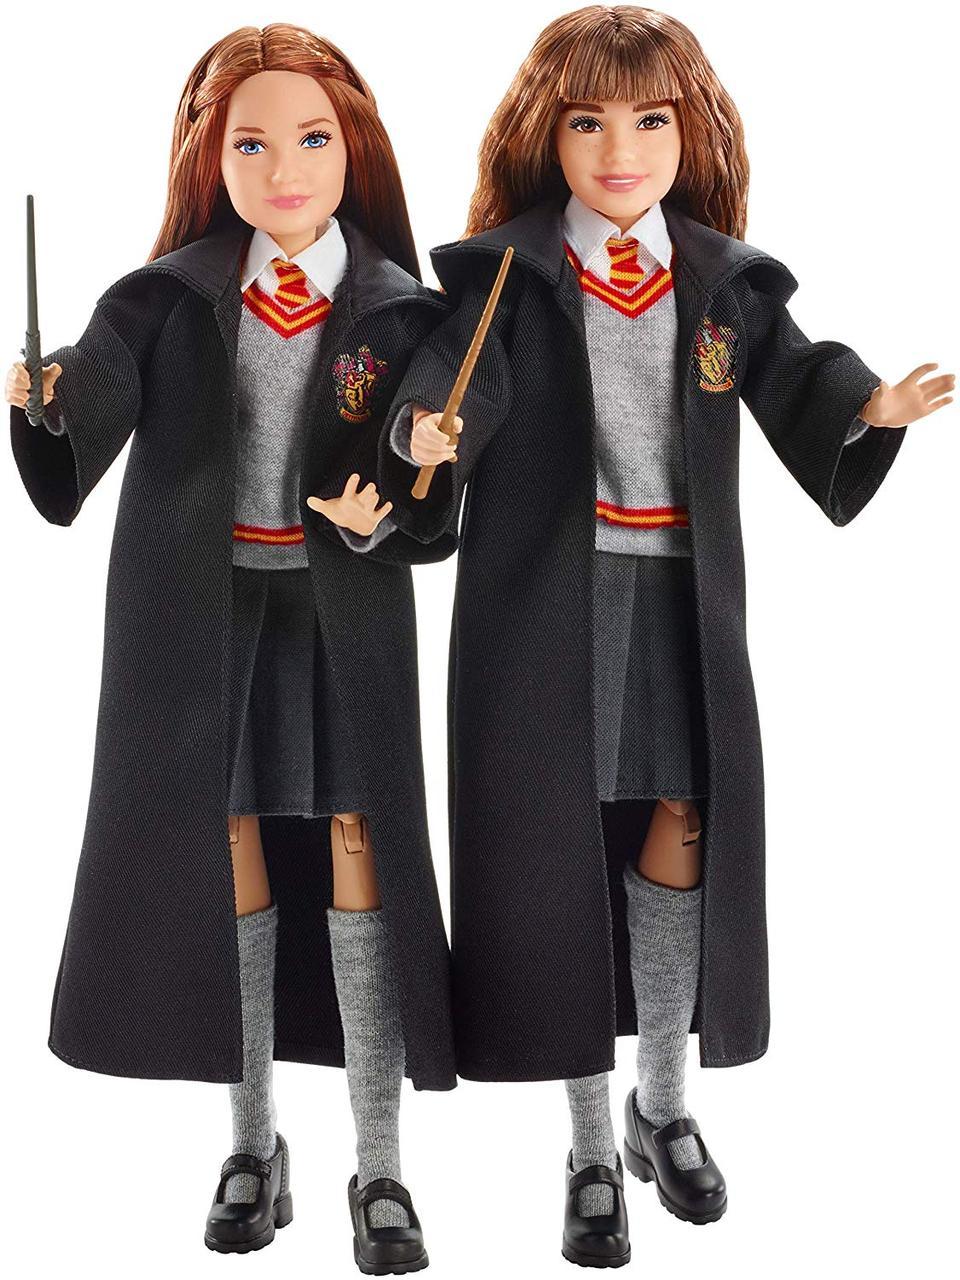 Коллекционная кукла Гермиона Грейнджер Гарри Поттер ...